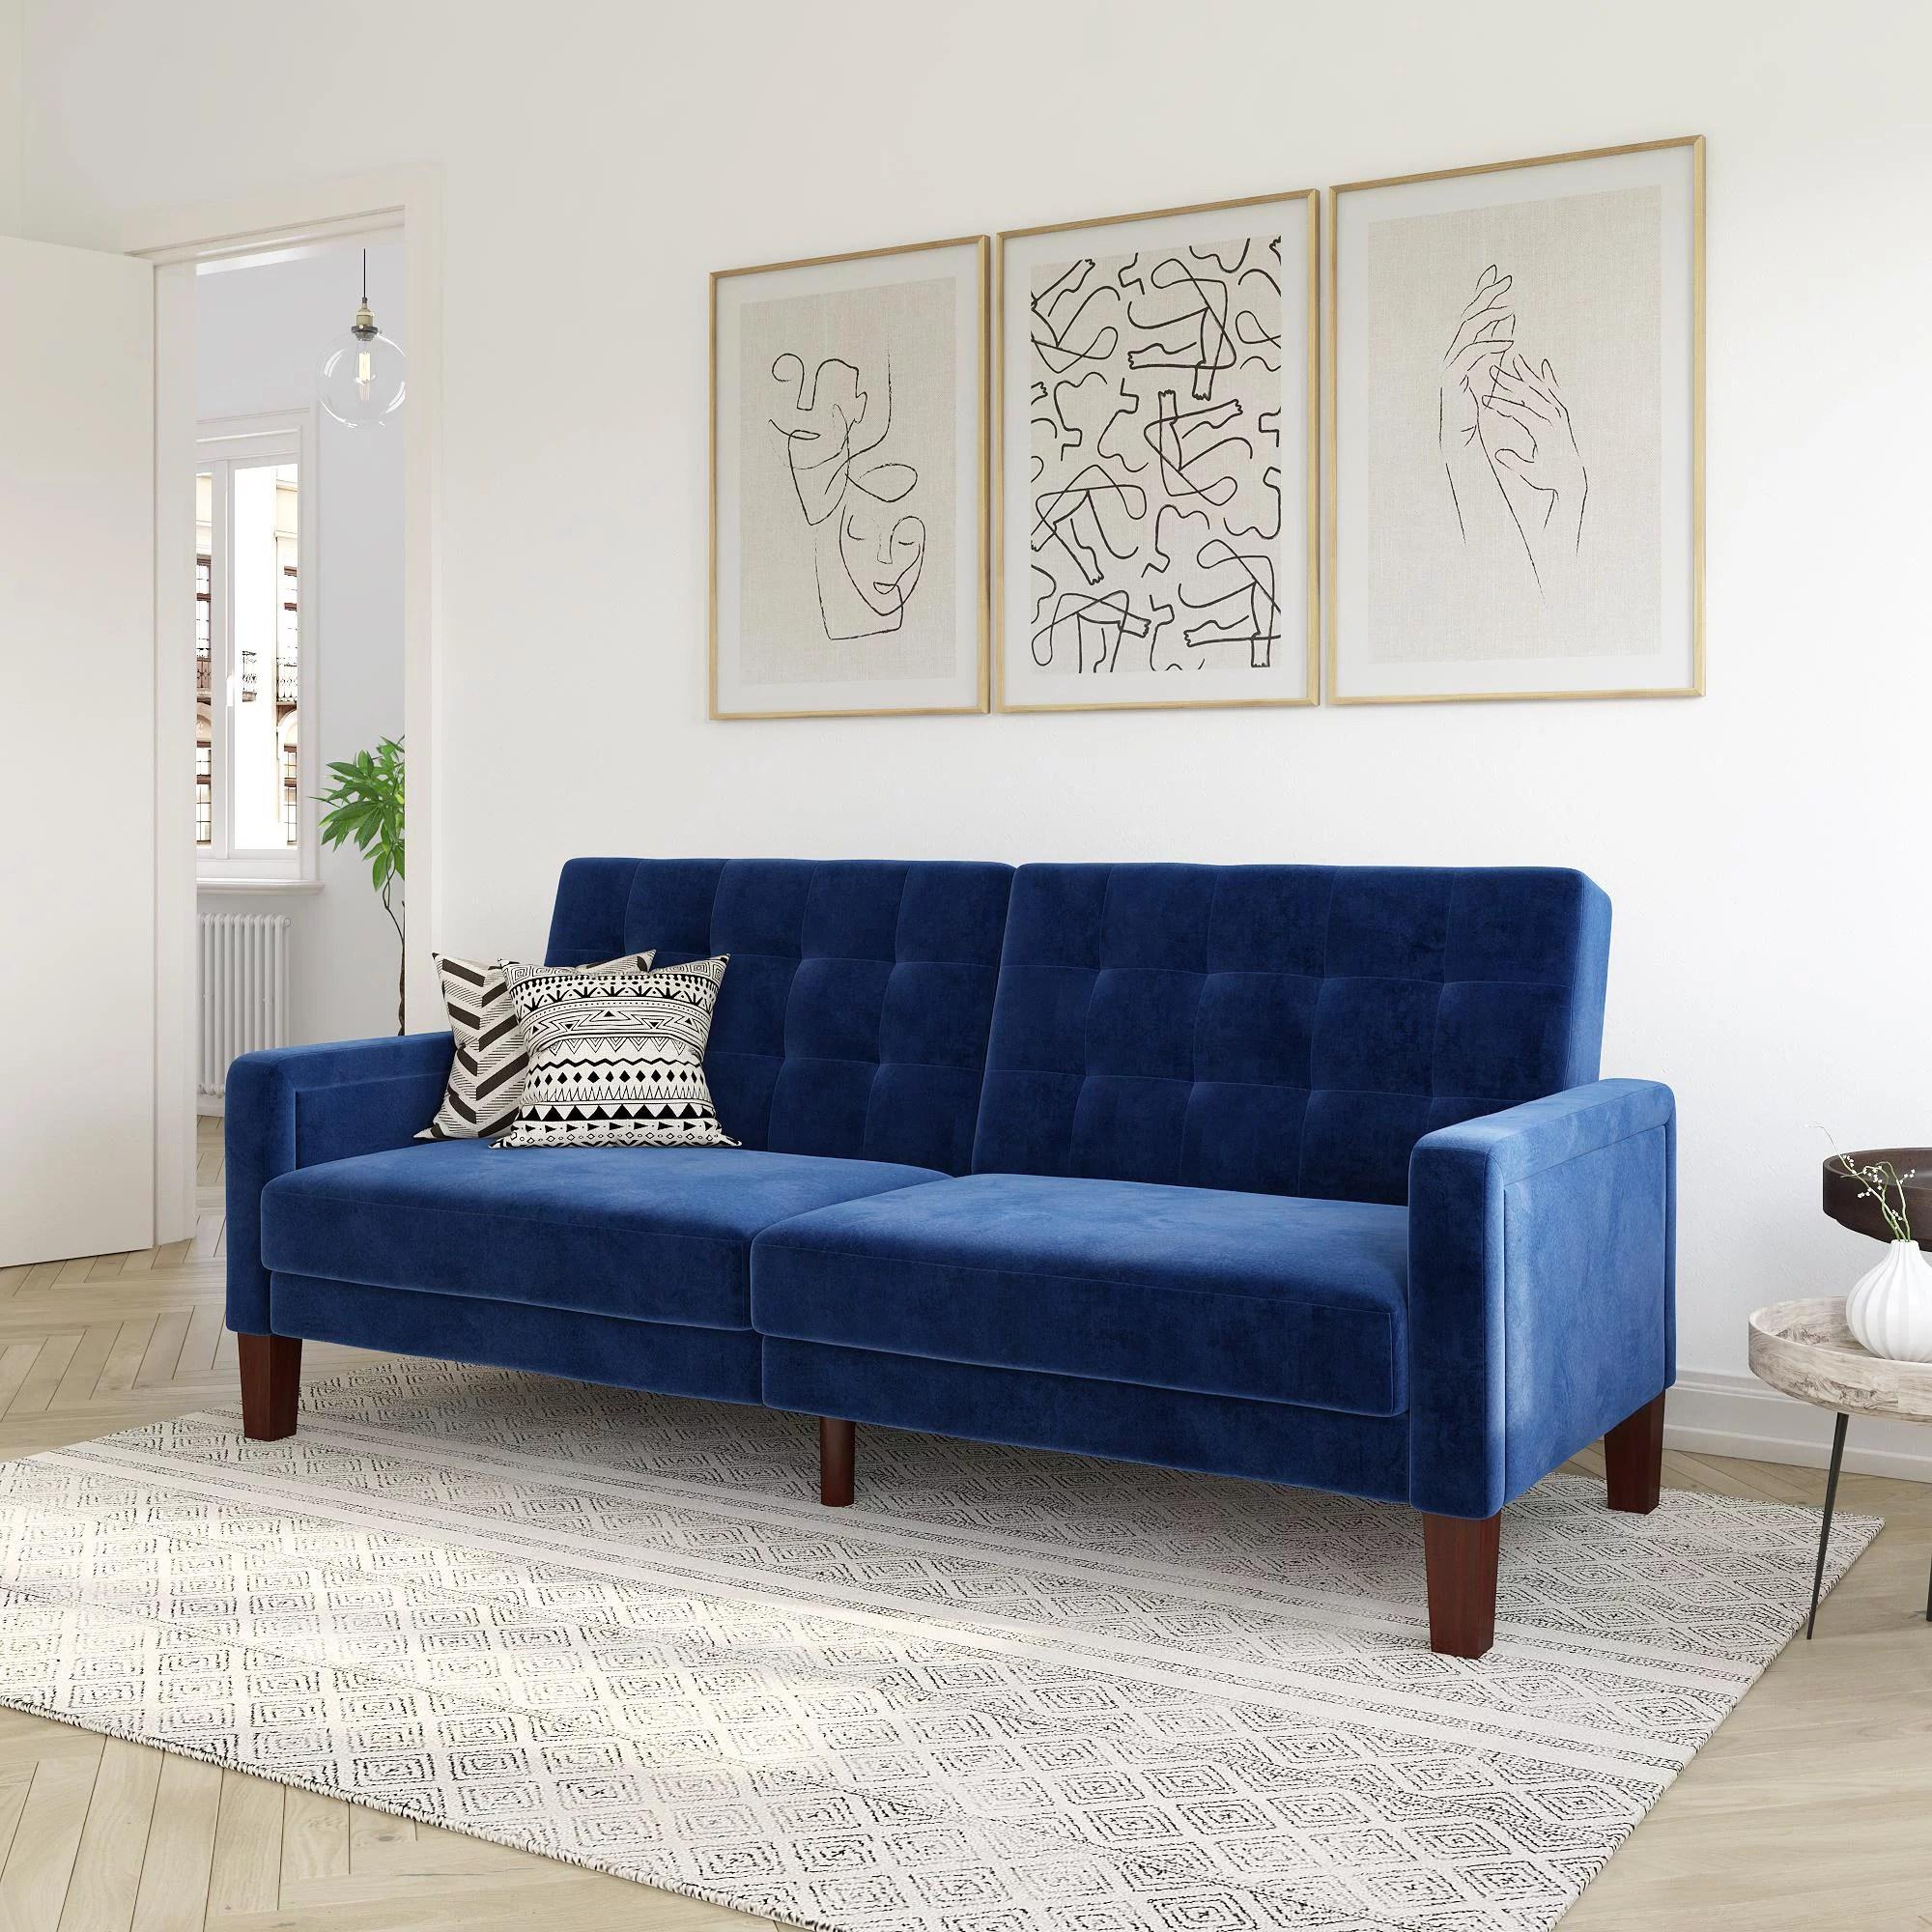 better homes gardens porter fabric tufted sofa bed in velvet navy